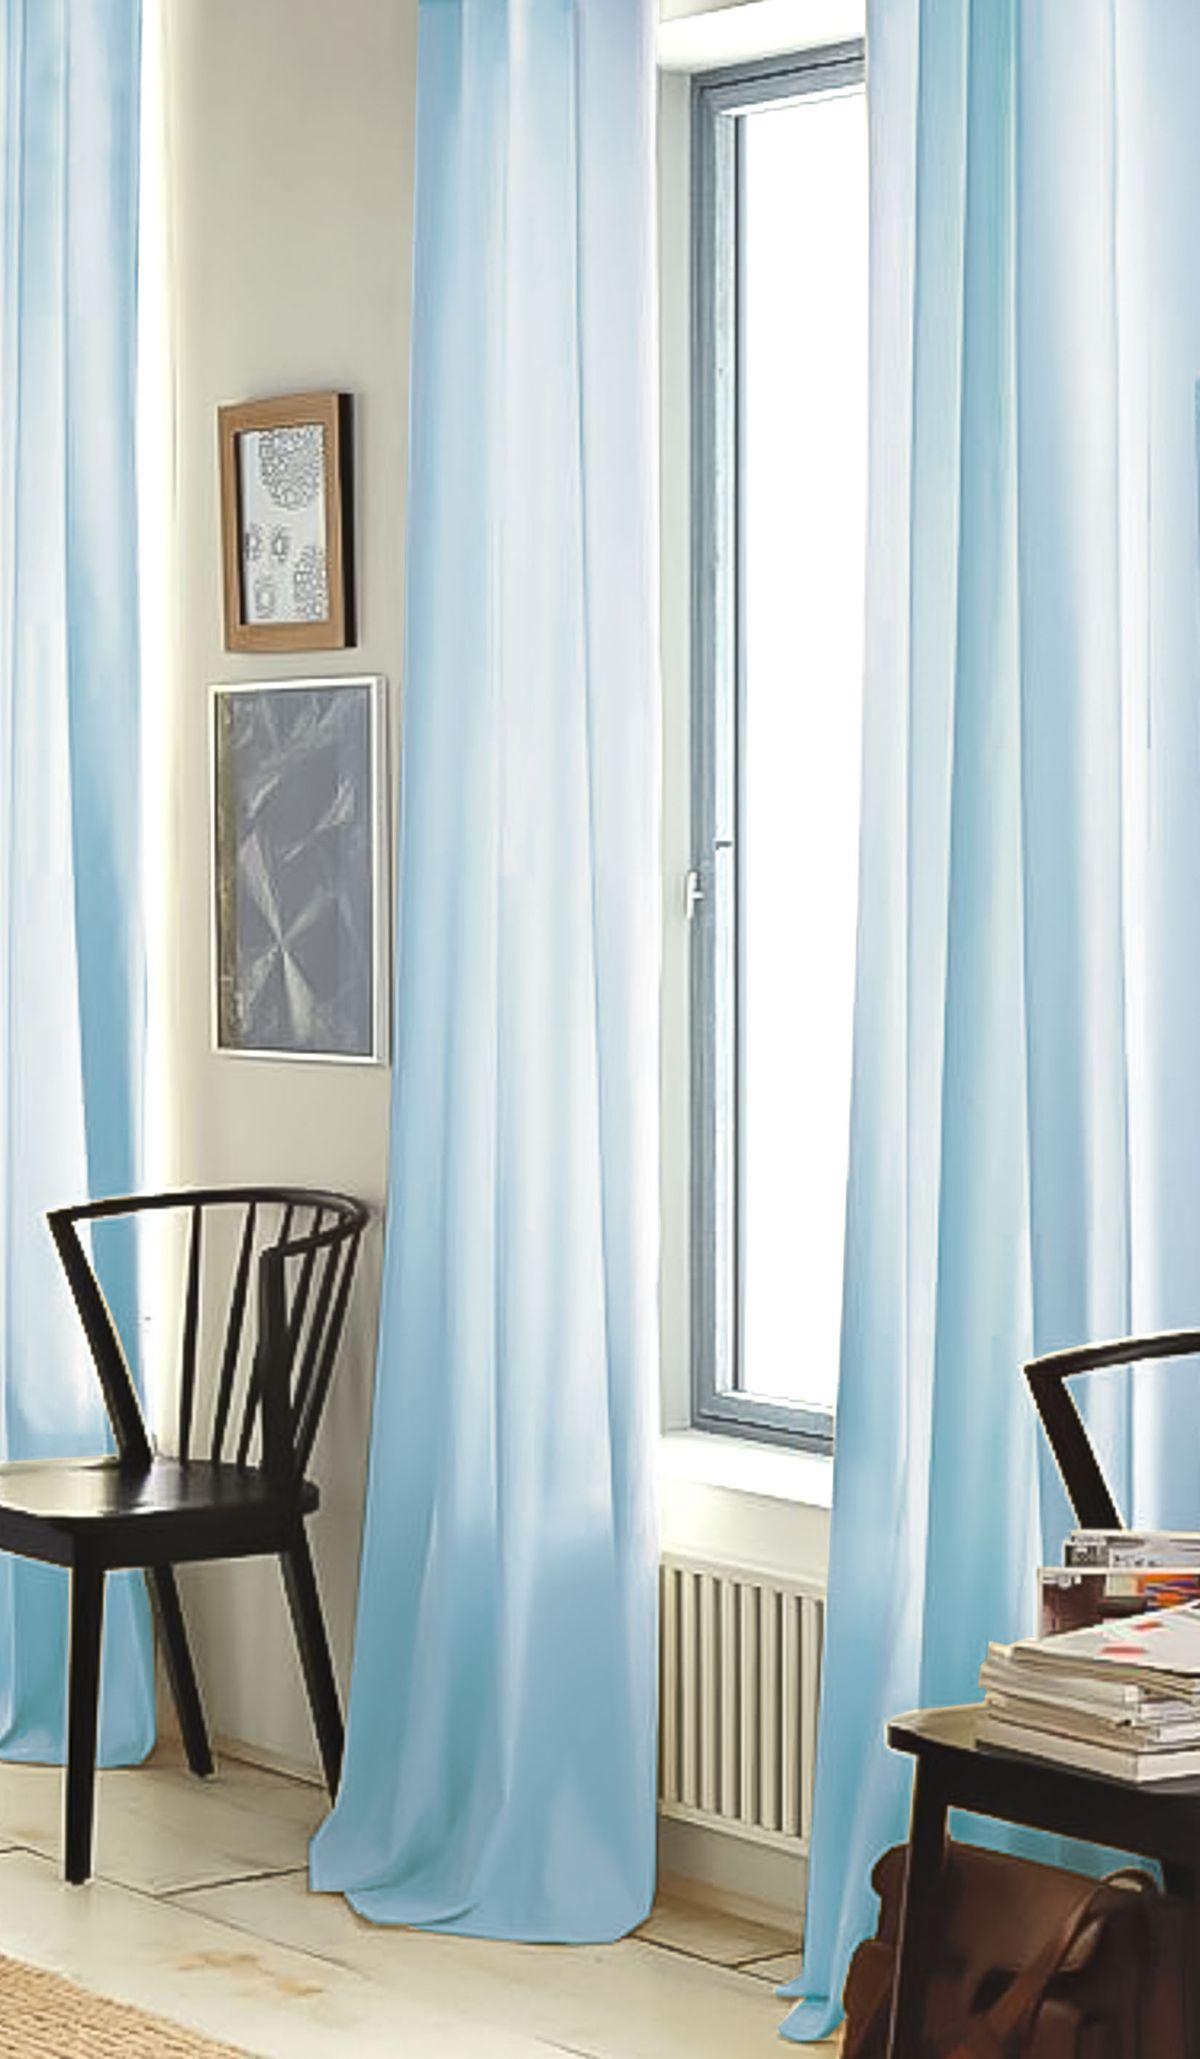 Штора готовая Garden, на ленте, цвет: бирюзовый, 300 х 260 см. С W356 300х260 V79066С W356 300х260 V79066Тюлевая штора для гостиной Garden выполнена из легкой ткани, станет великолепным украшением любого окна. Воздушная ткань и приятная текстура создаст неповторимую атмосферу в вашем доме. Штора крепится на карниз при помощи ленты, которая поможет красиво и равномерно задрапировать верх.